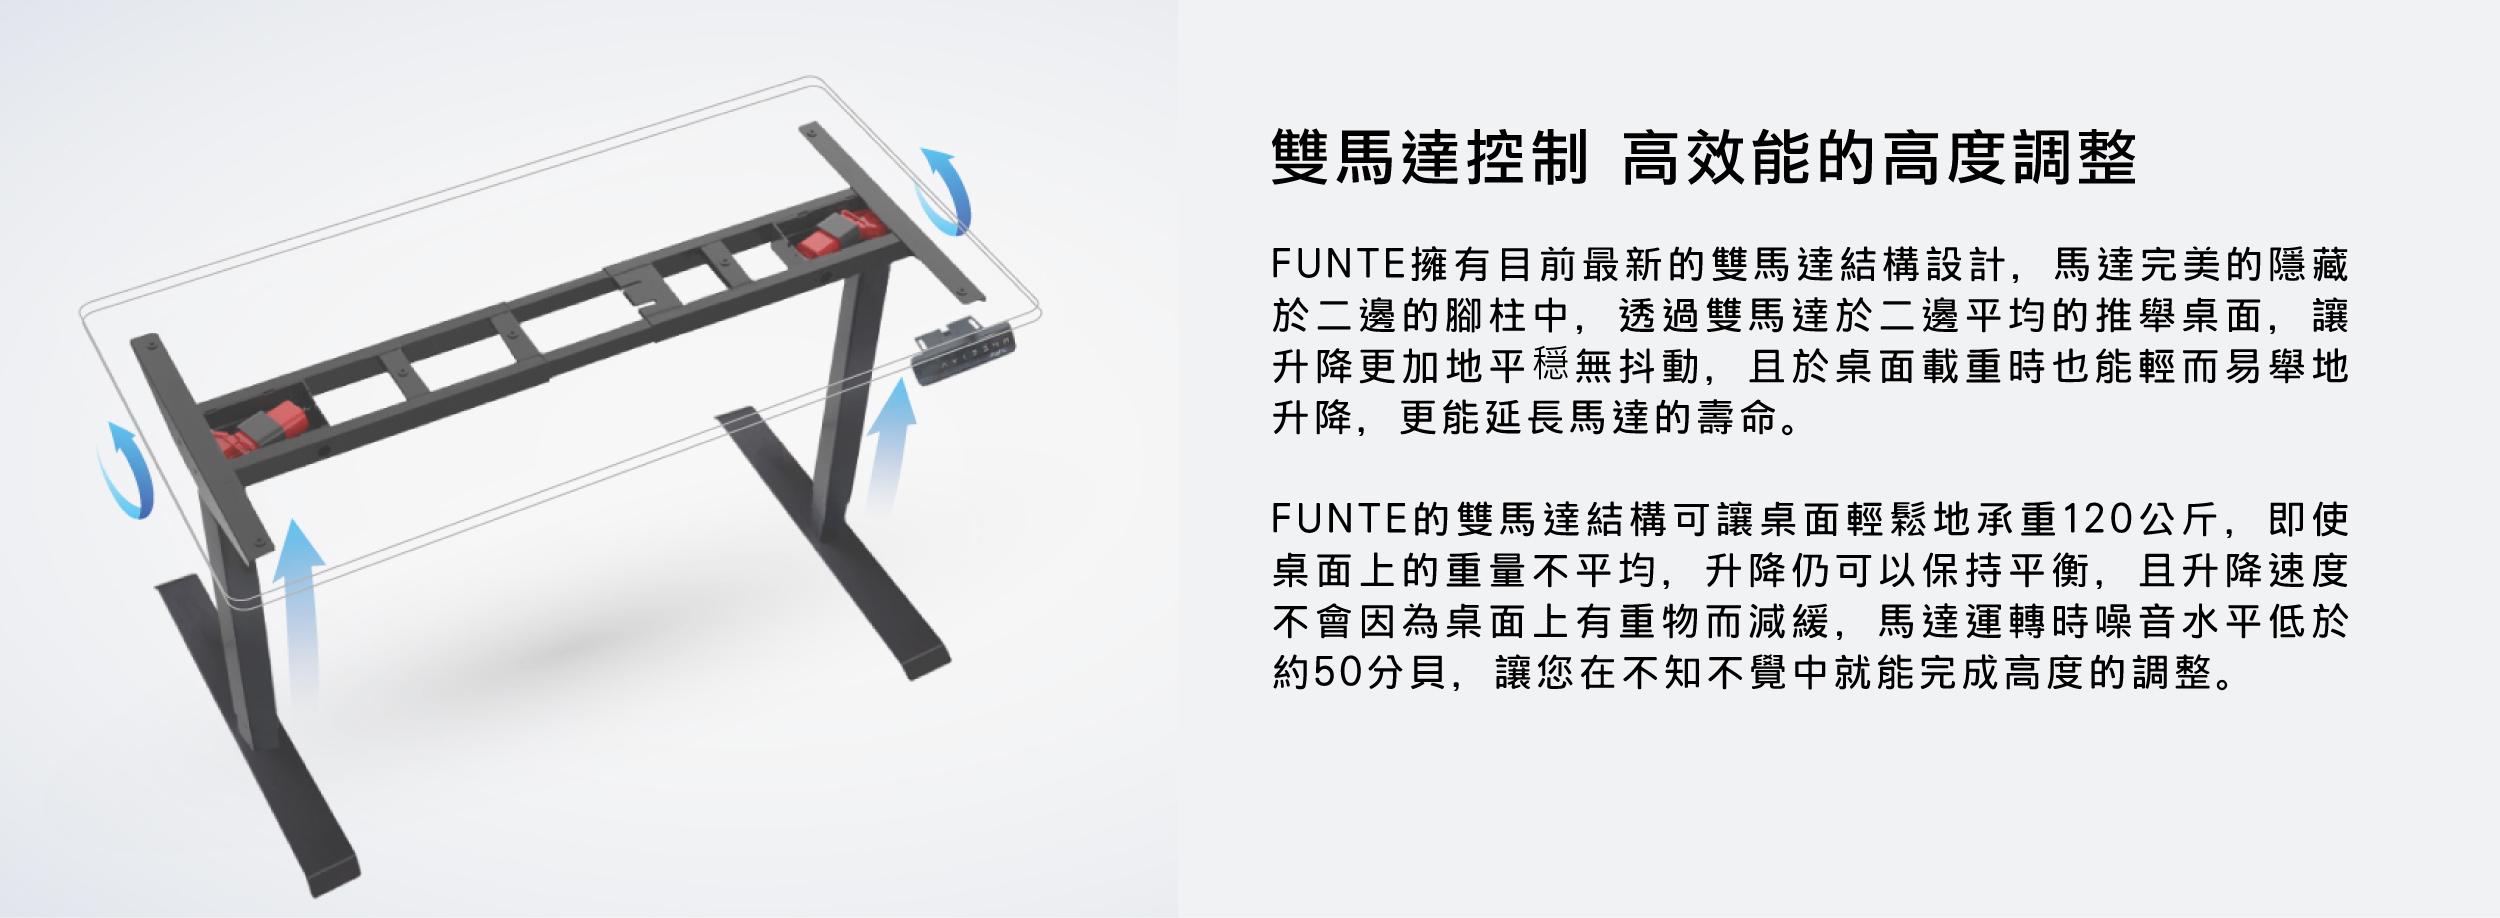 funte電動升降桌,站立工作桌,升降桌,雙馬達,載重120kg